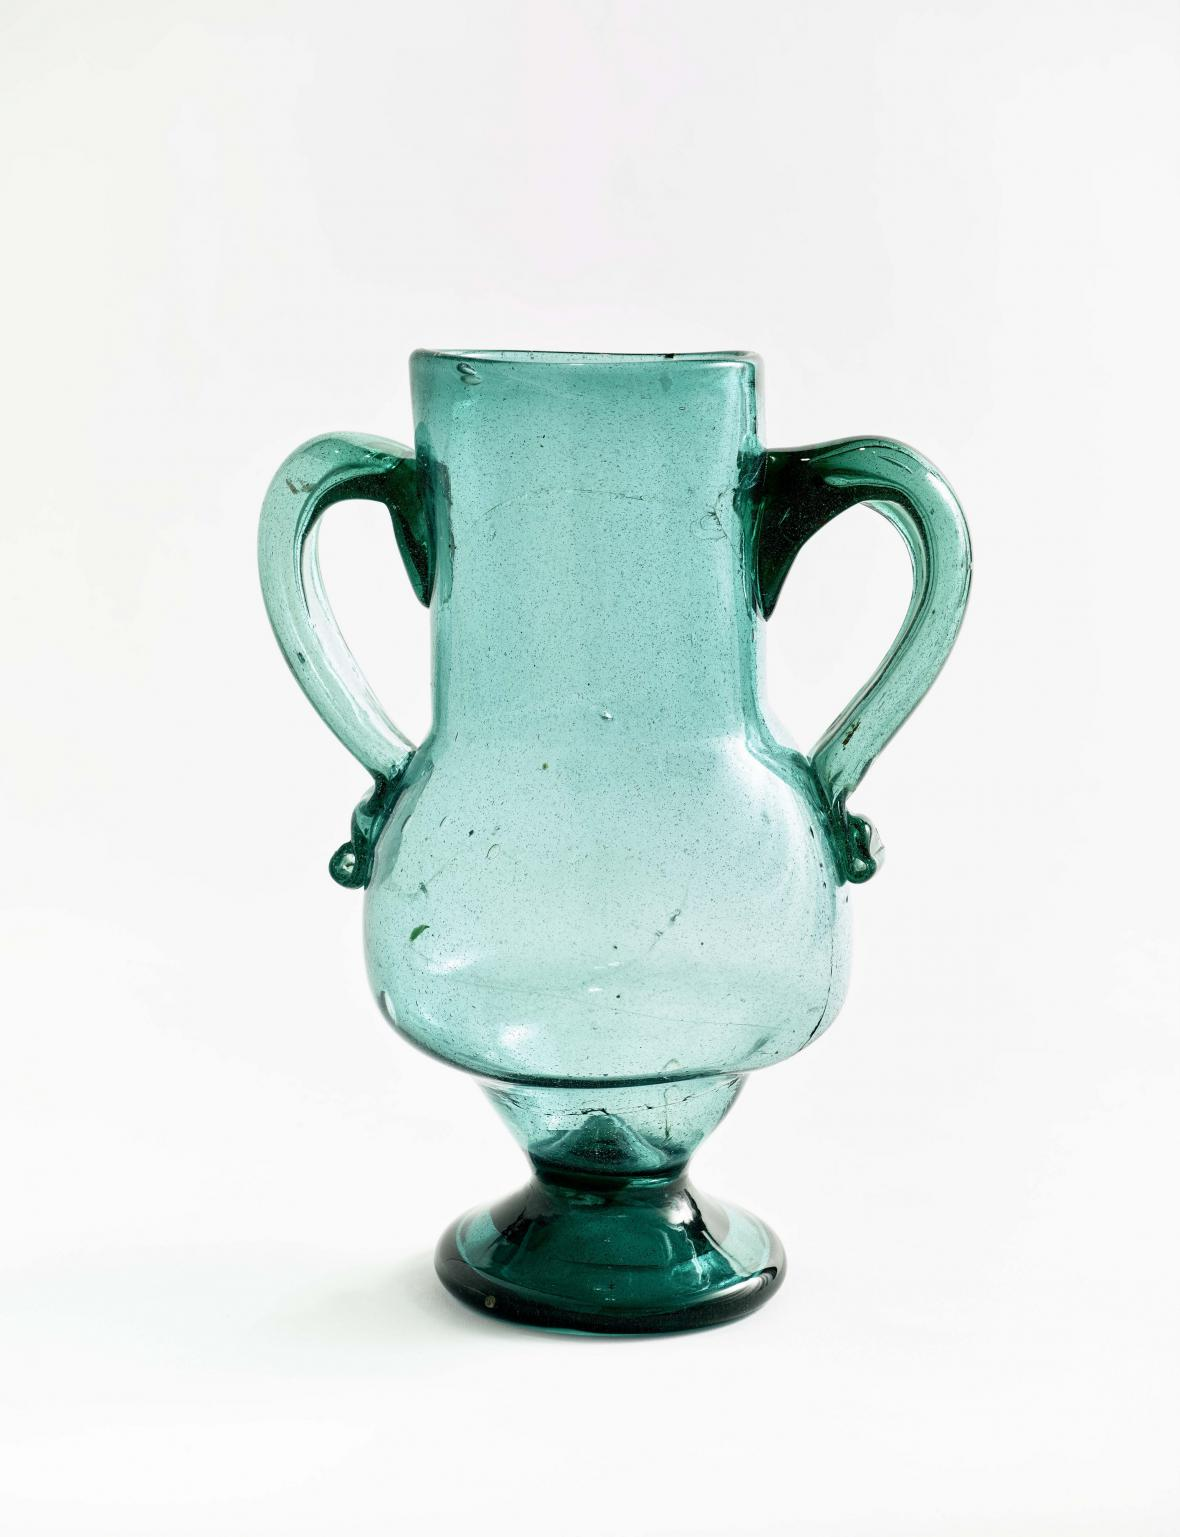 Váza, Andalusie, Španělsko, rané 20. st.